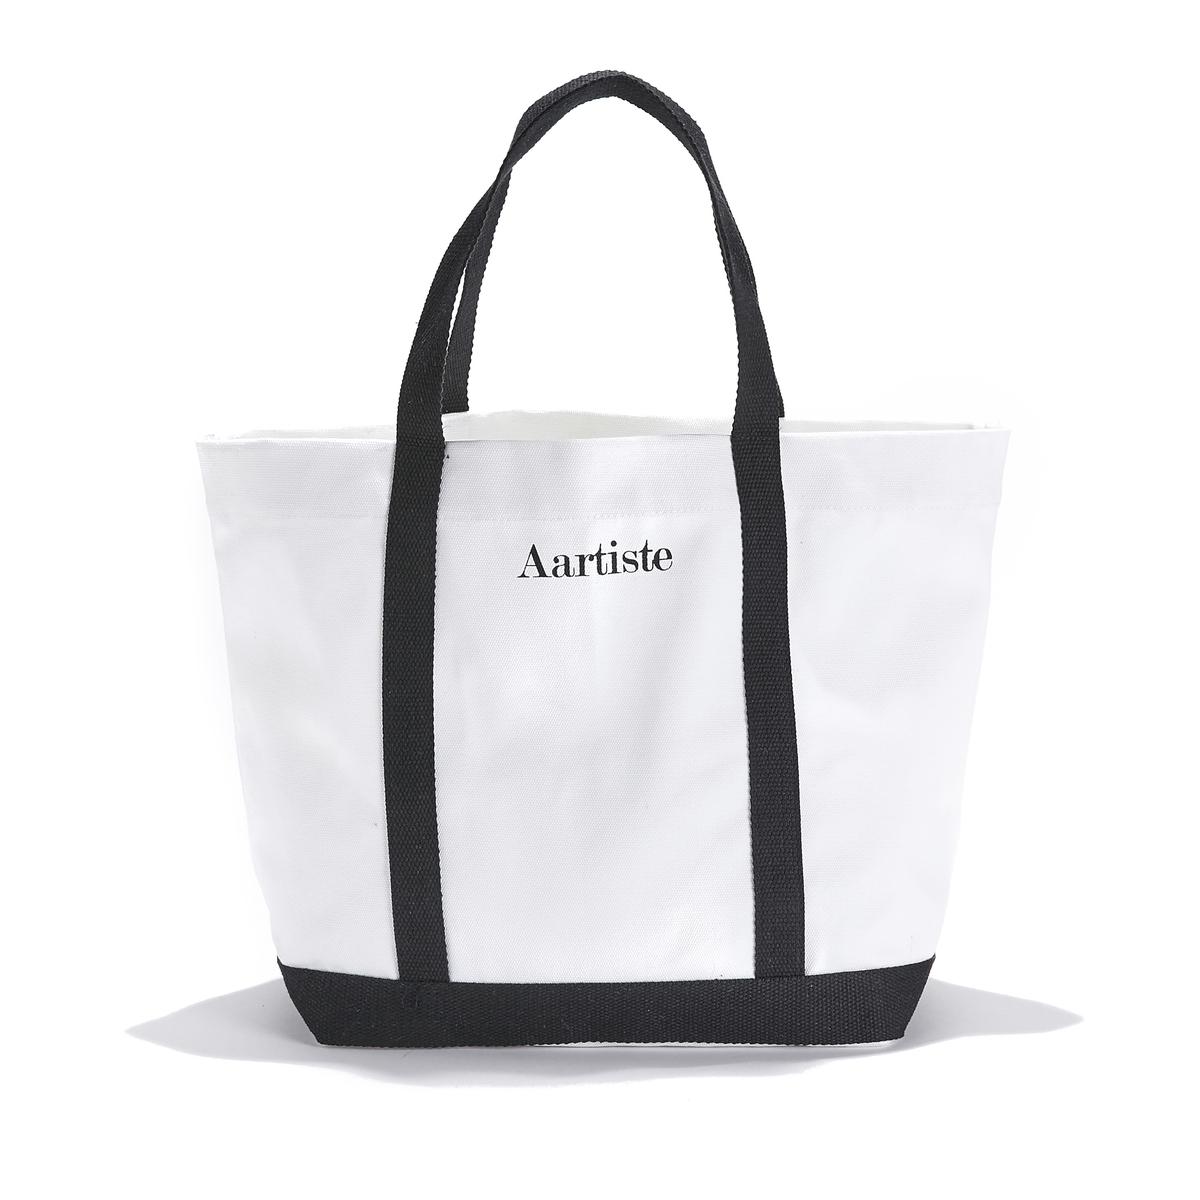 Сумка-шоппер среднего размера из хлопка с надписьюAartiste